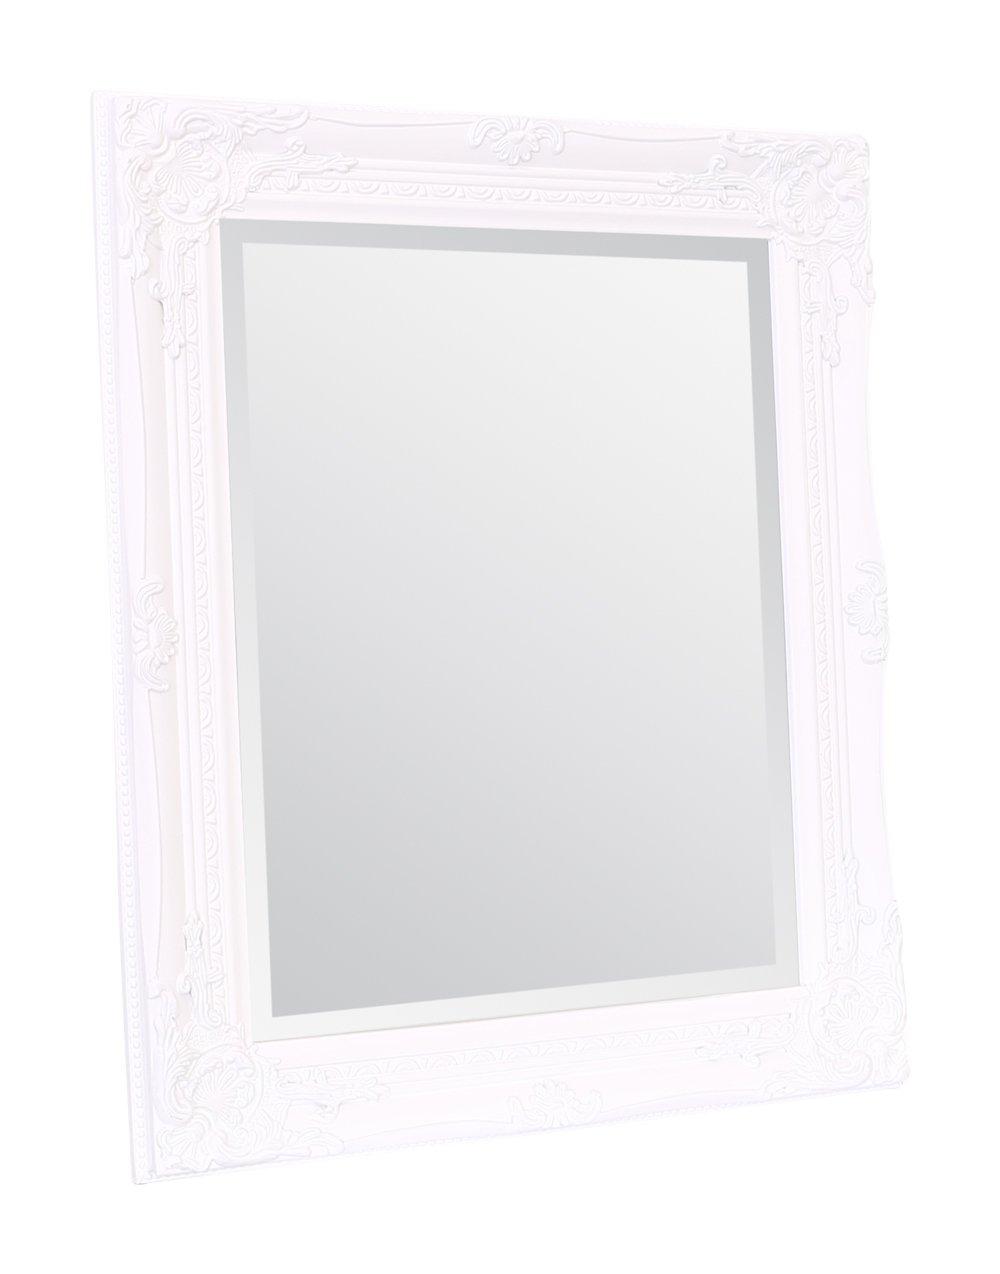 Legno massello 50 cm x 60 cm Finitura a mano Vintage francese Nero opaco Specchio da parete Rhone Specchi Select Stile barocco rococ/ò Decorazione elegante e chic per la casa